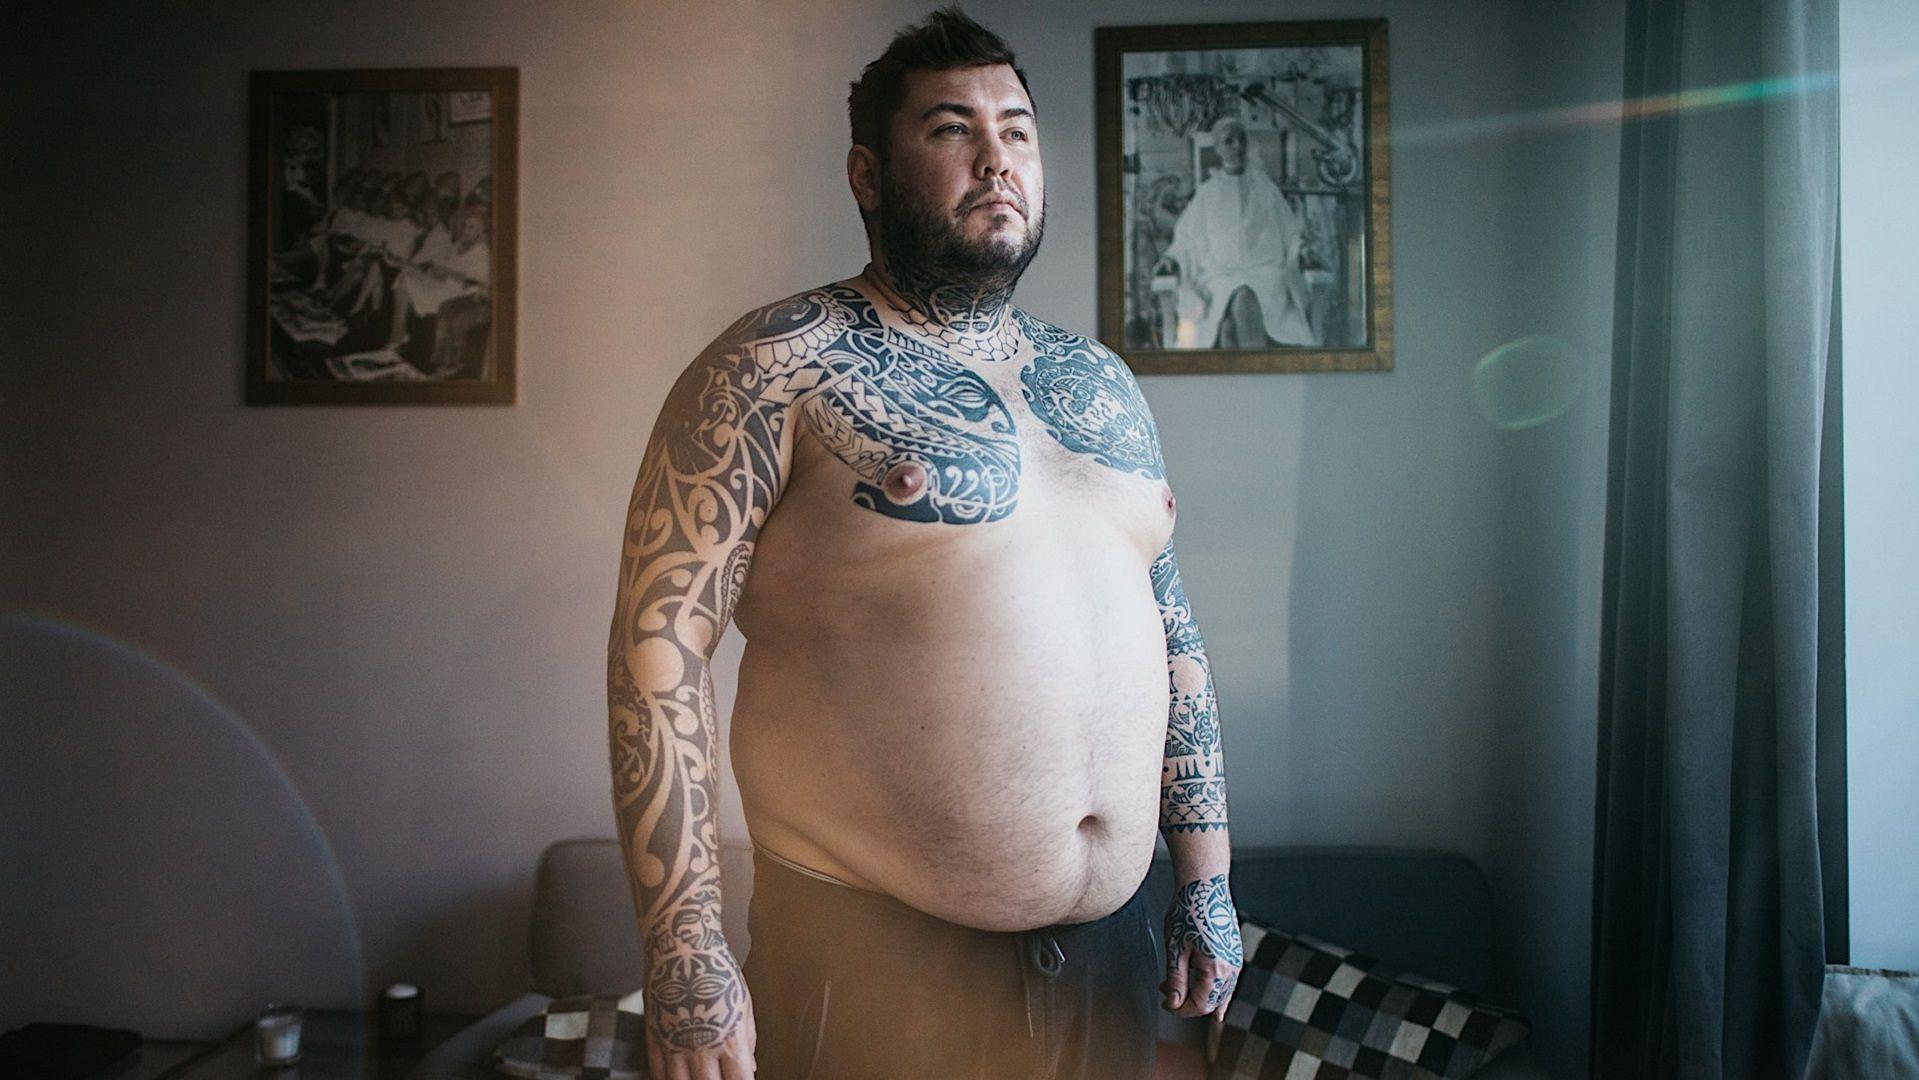 Maciek usłyszał od lekarza, że aby zakwalifikować się do operacji odchudzającej musi przytyć 20 kg.